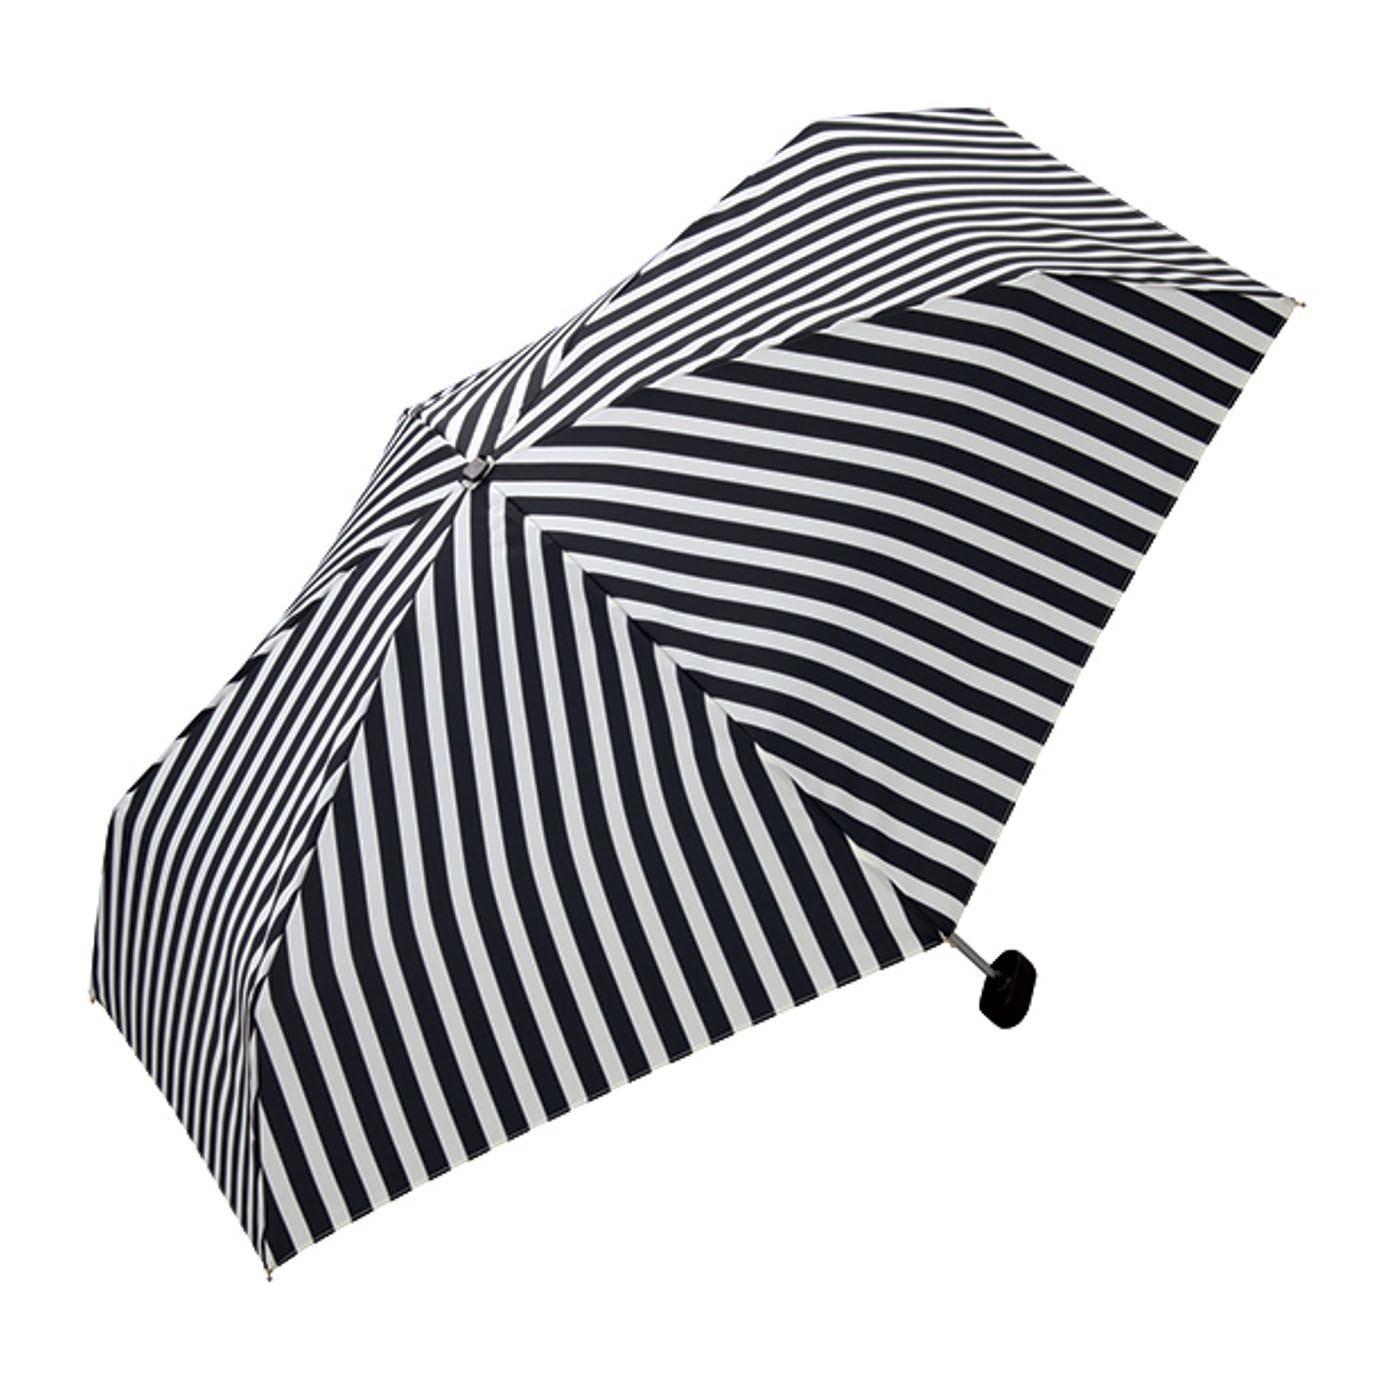 クラッチ風ケースでサッと収納 コンパクトな折りたたみ傘〈ストライプ〉